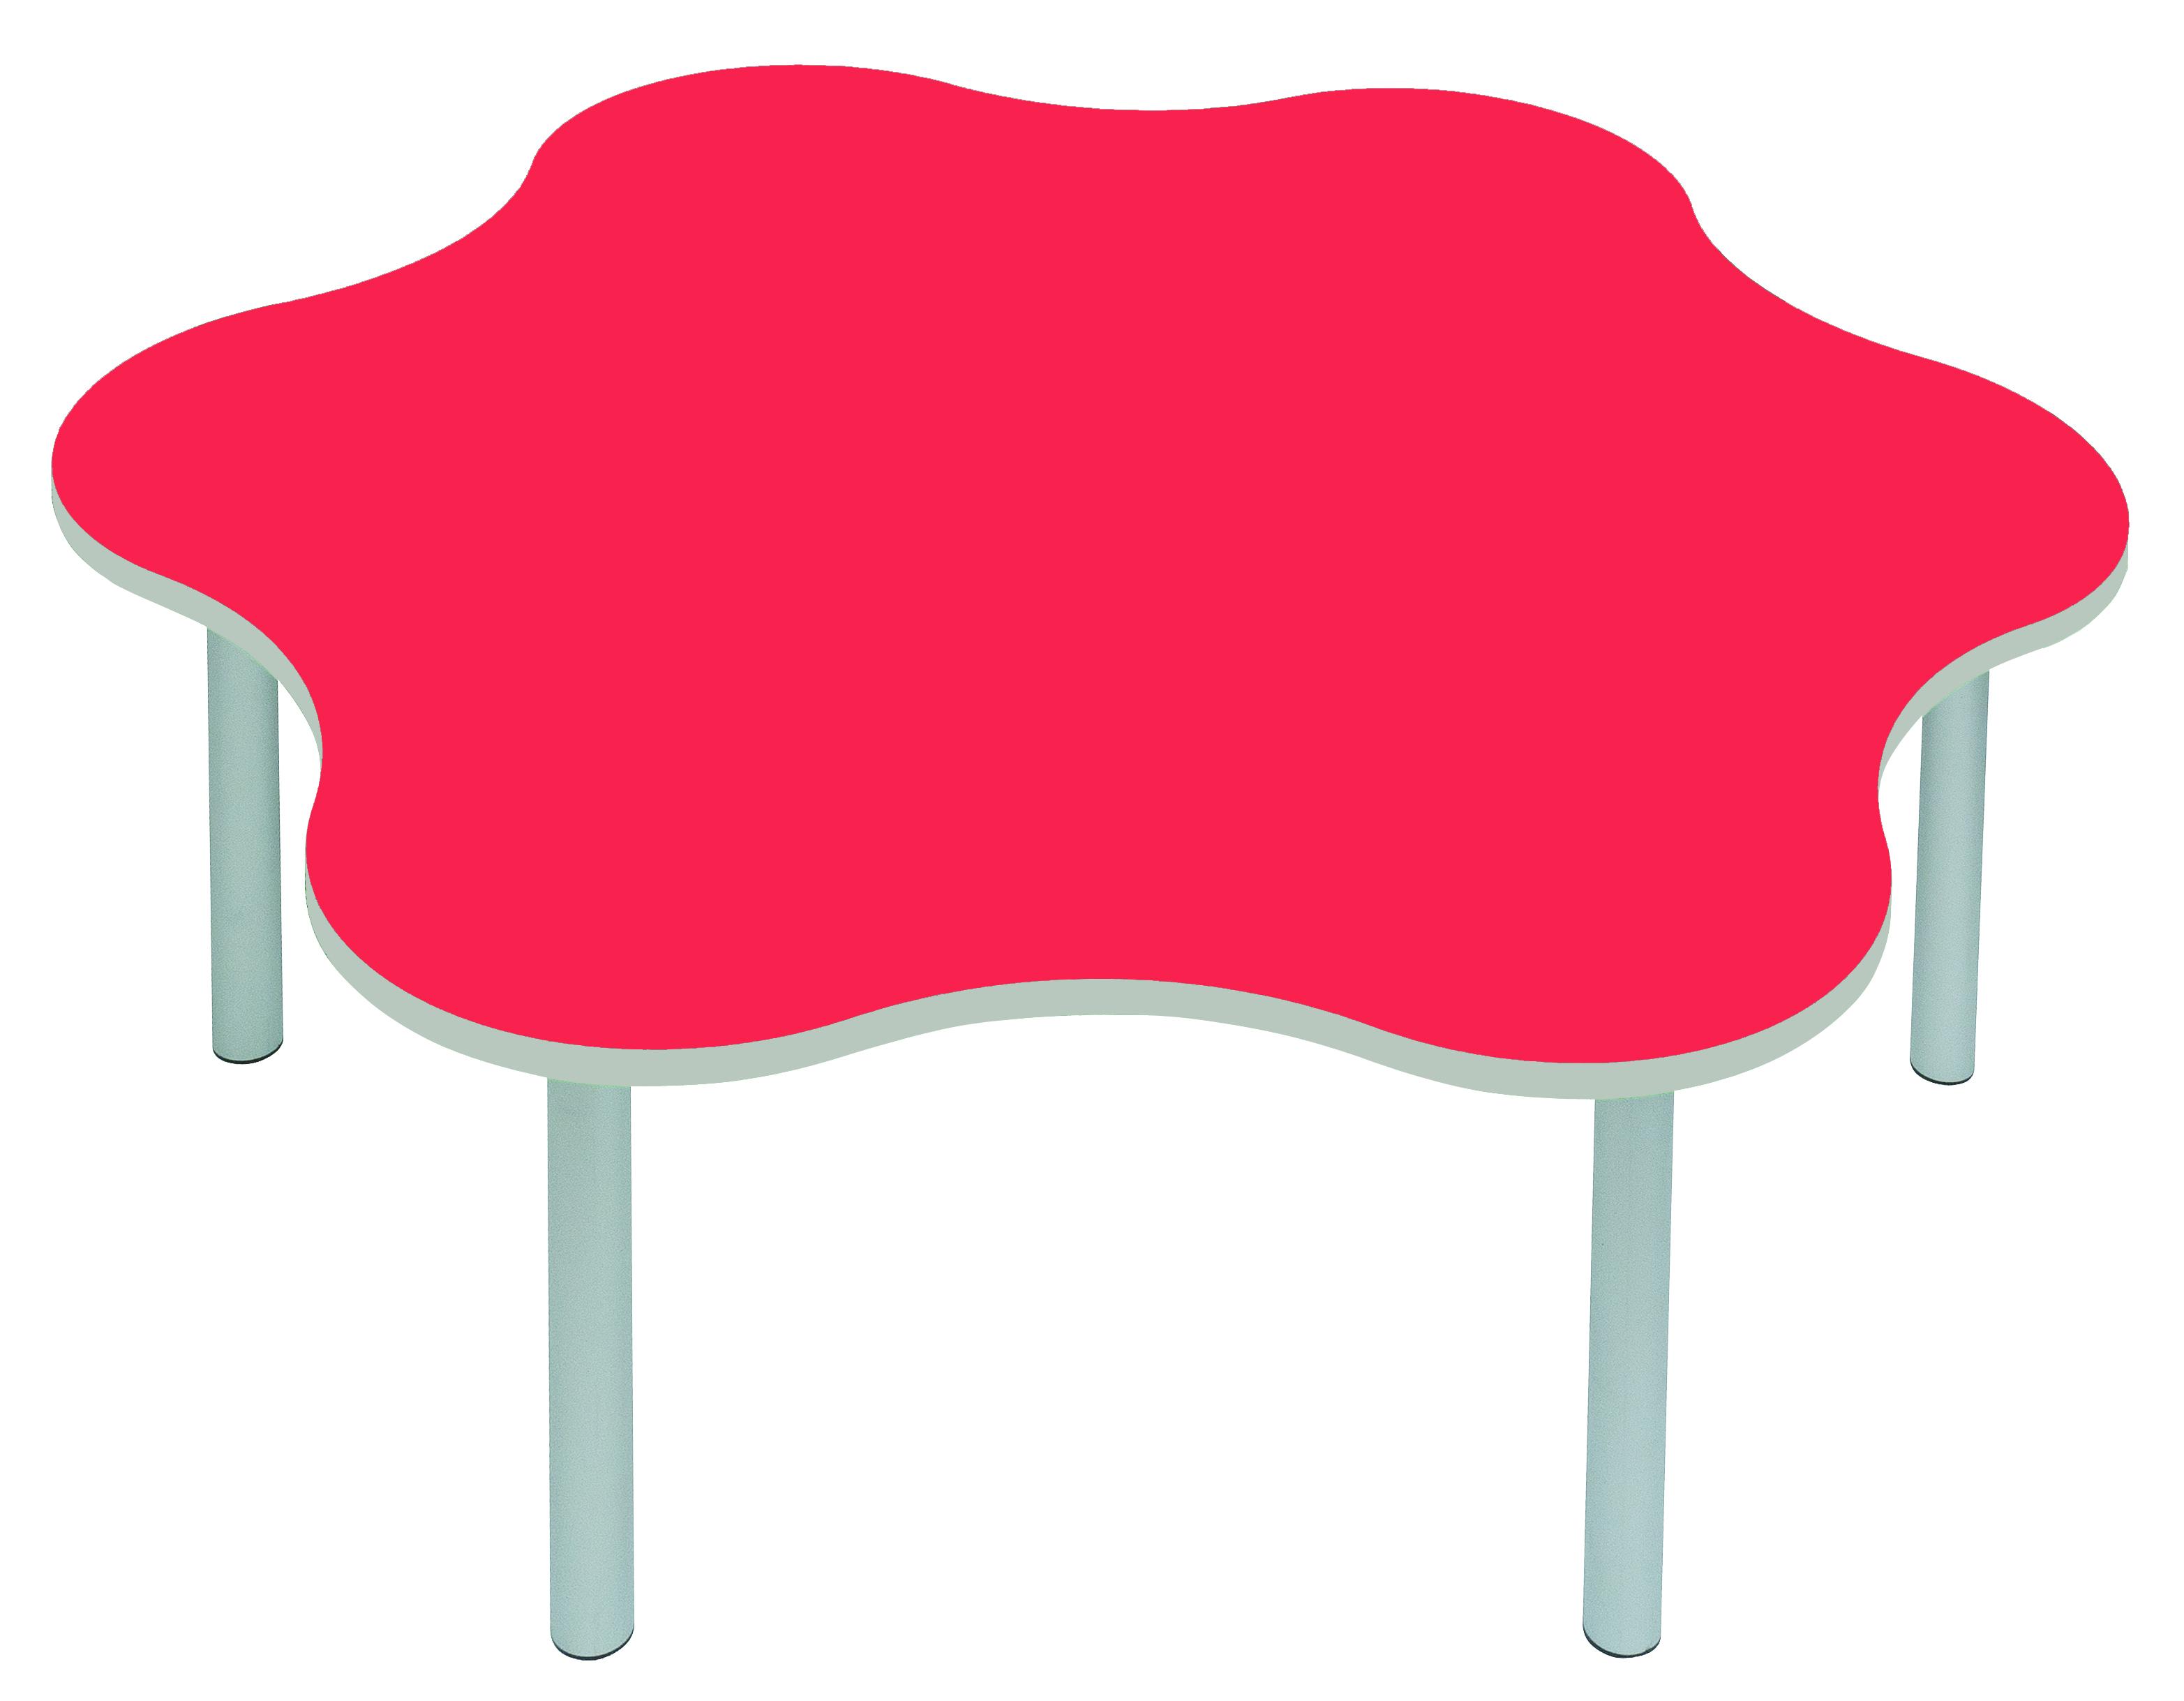 ENVIRO DAISY TABLE